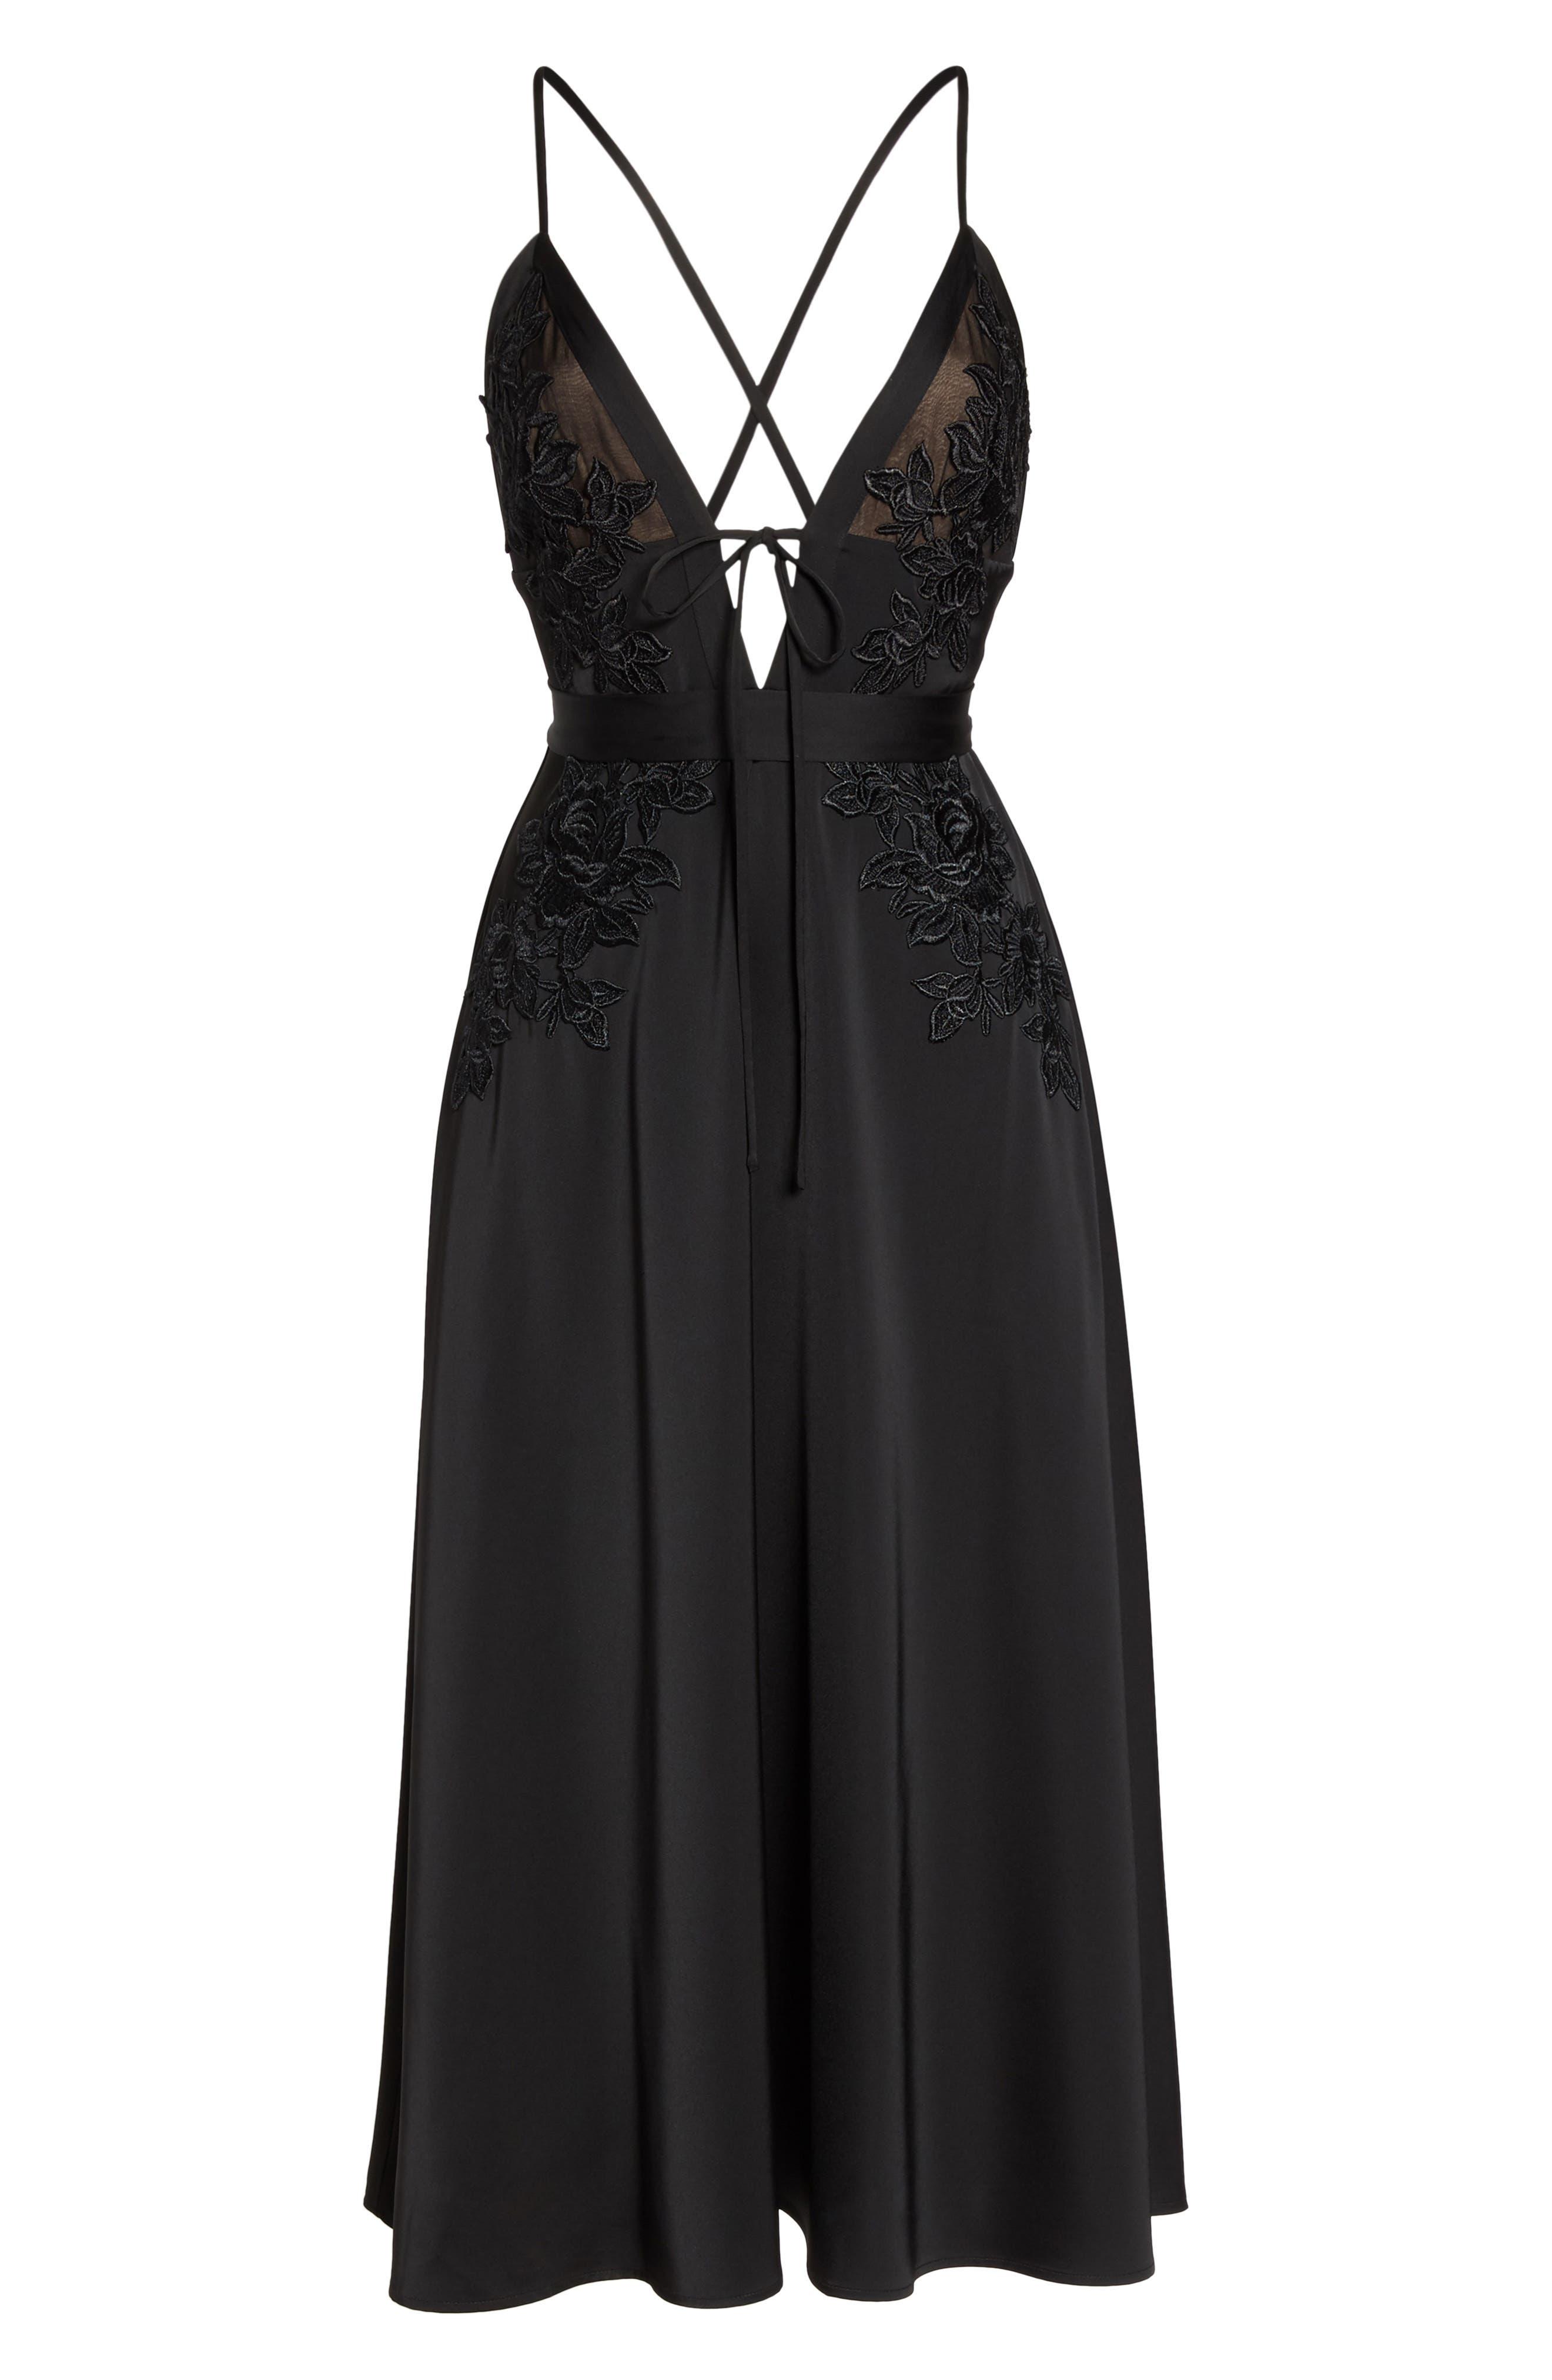 Rhea Floral Appliqué A-Line Dress,                             Alternate thumbnail 6, color,                             001